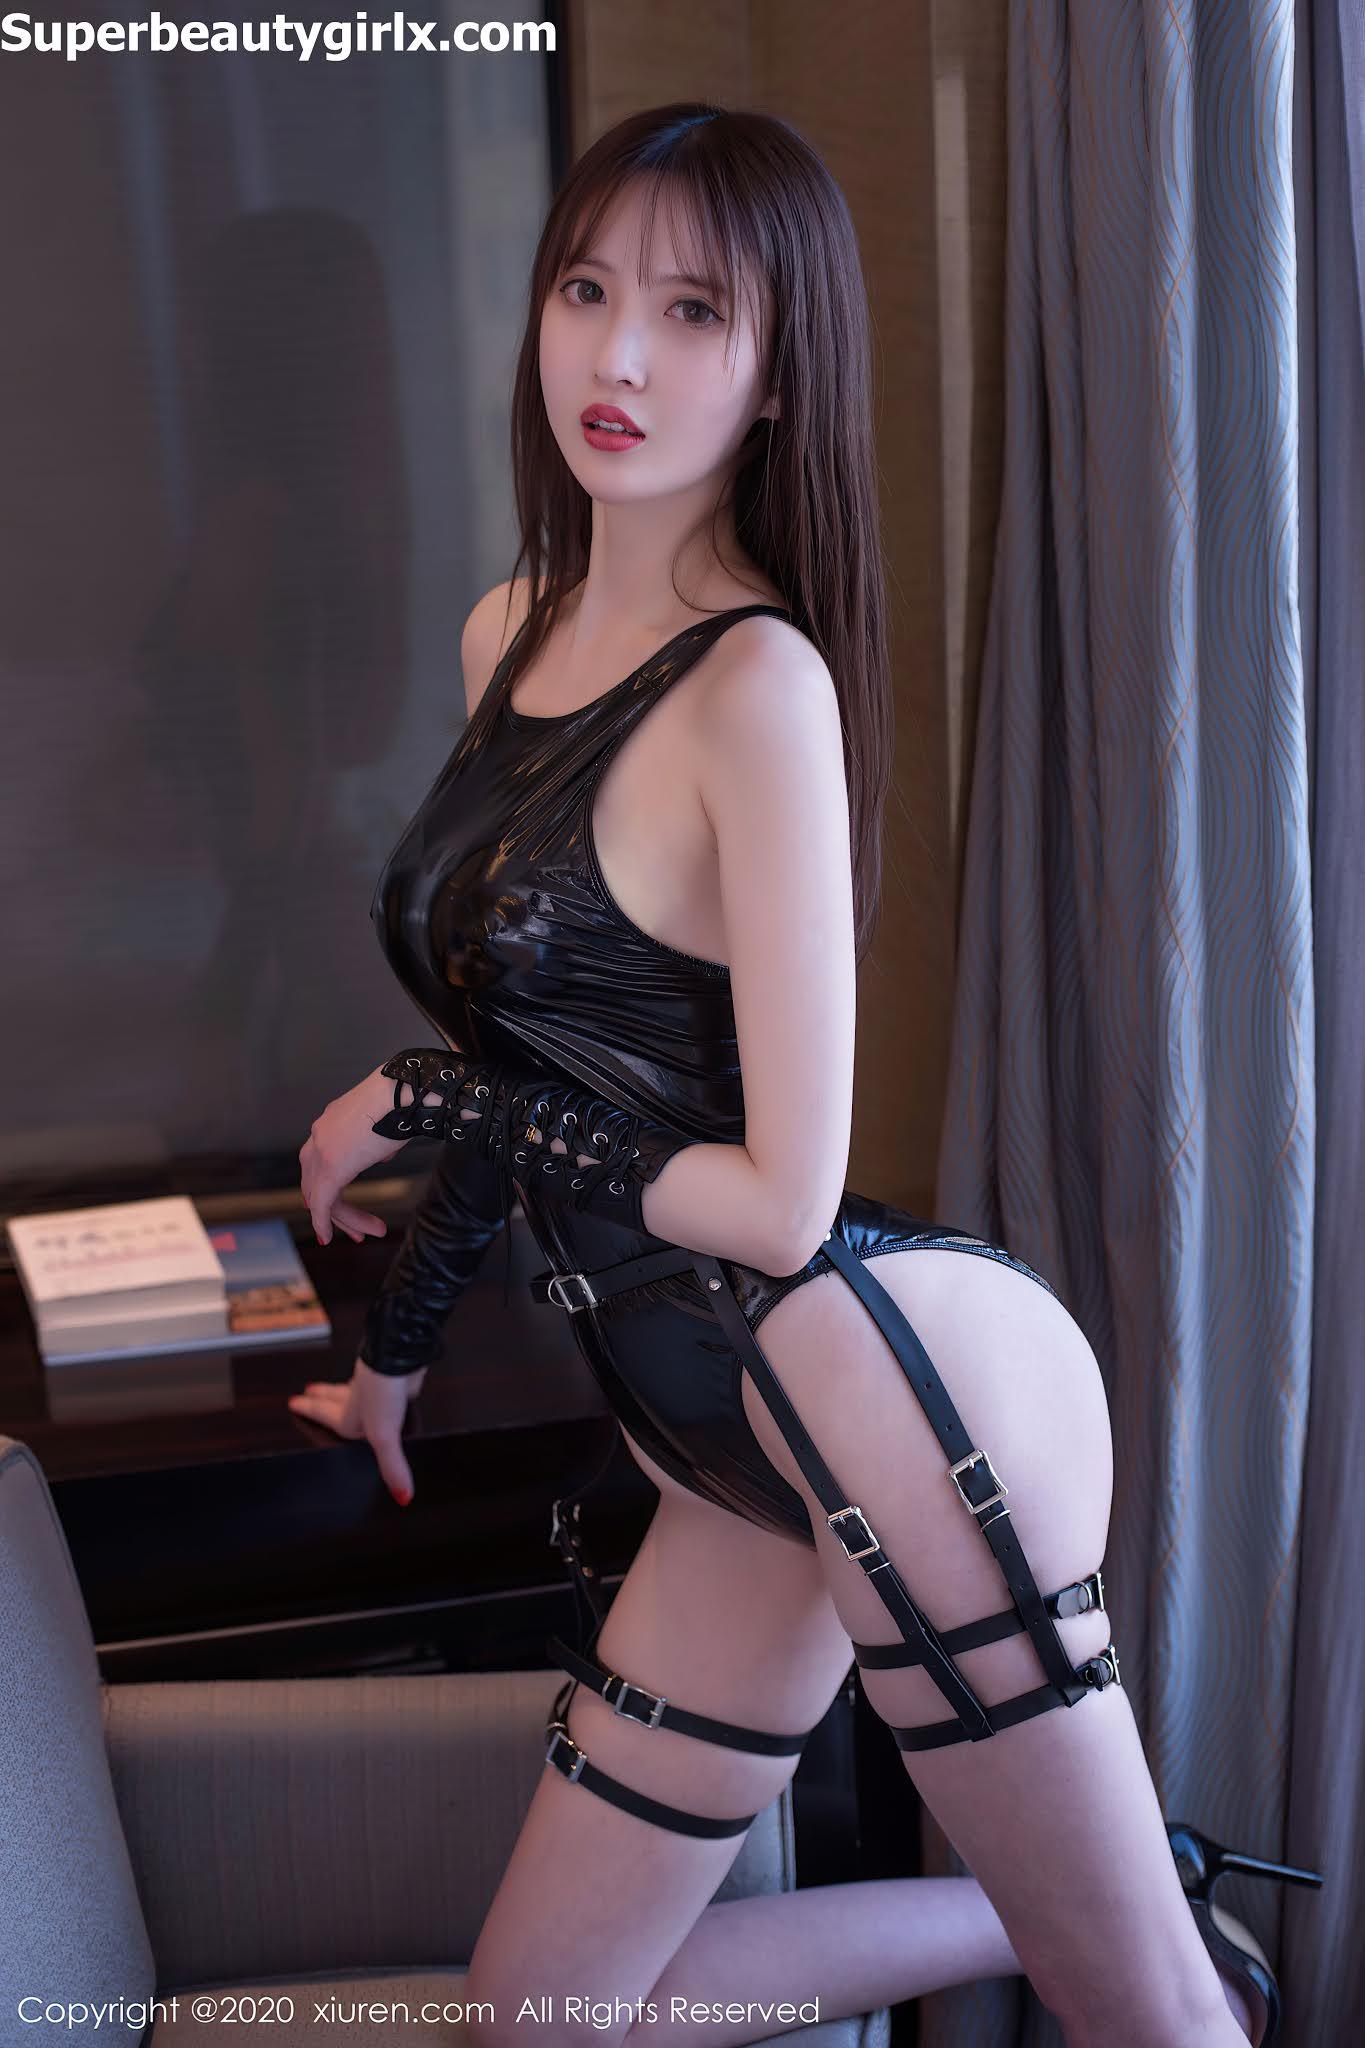 XIUREN-No.2923-Lin-Rui-Xi-Superbeautygirlx.com